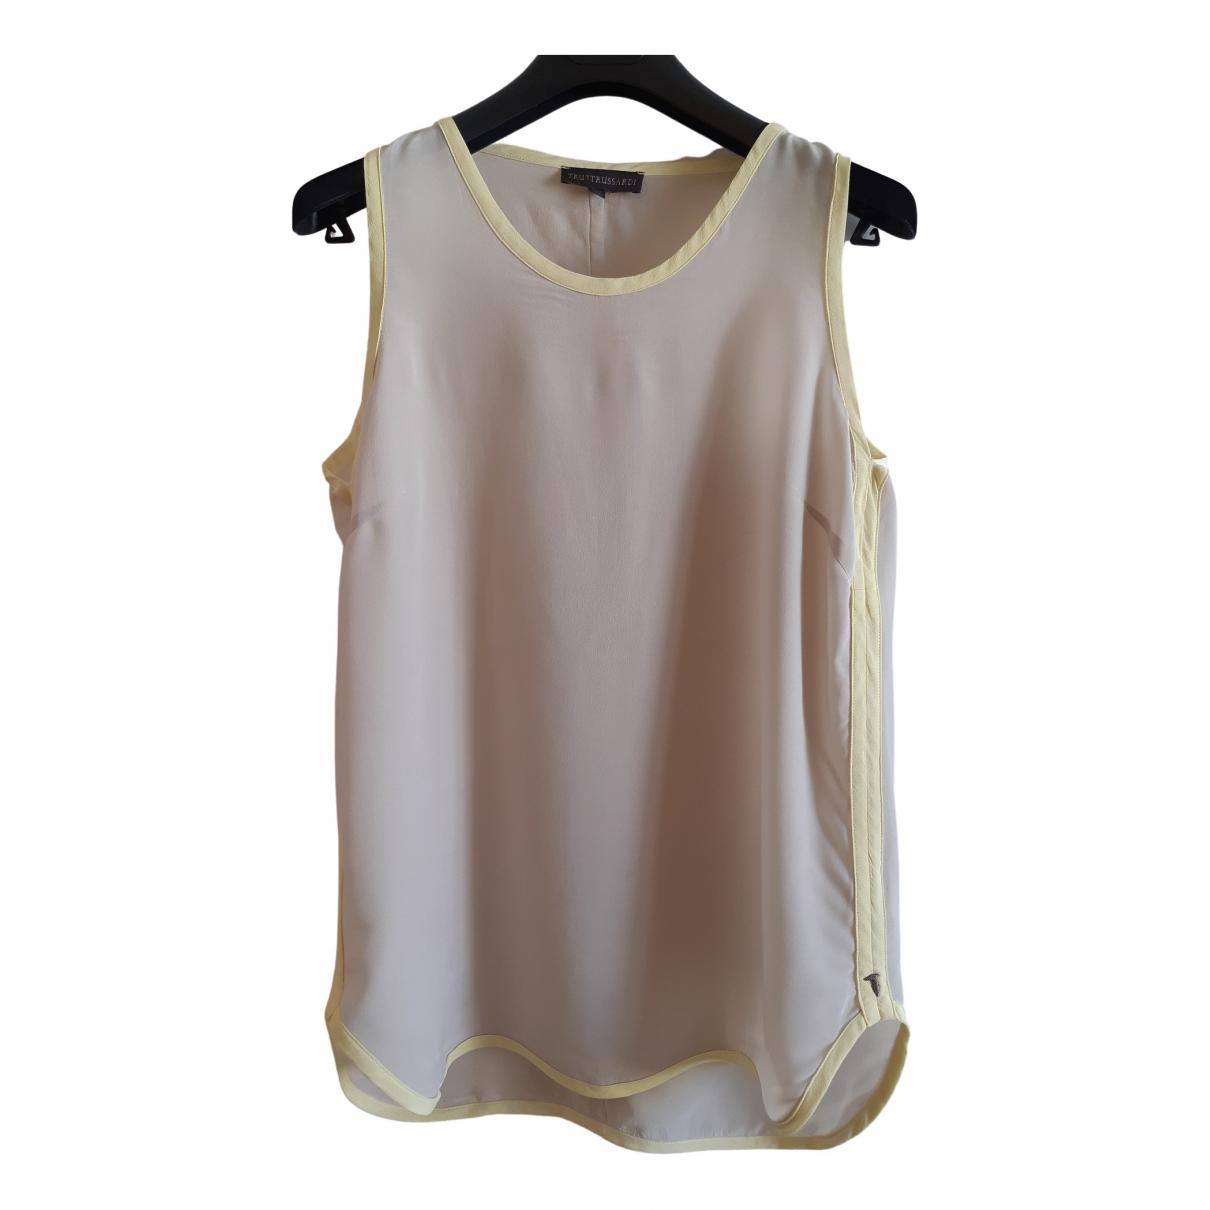 Camiseta sin mangas de Seda Trussardi